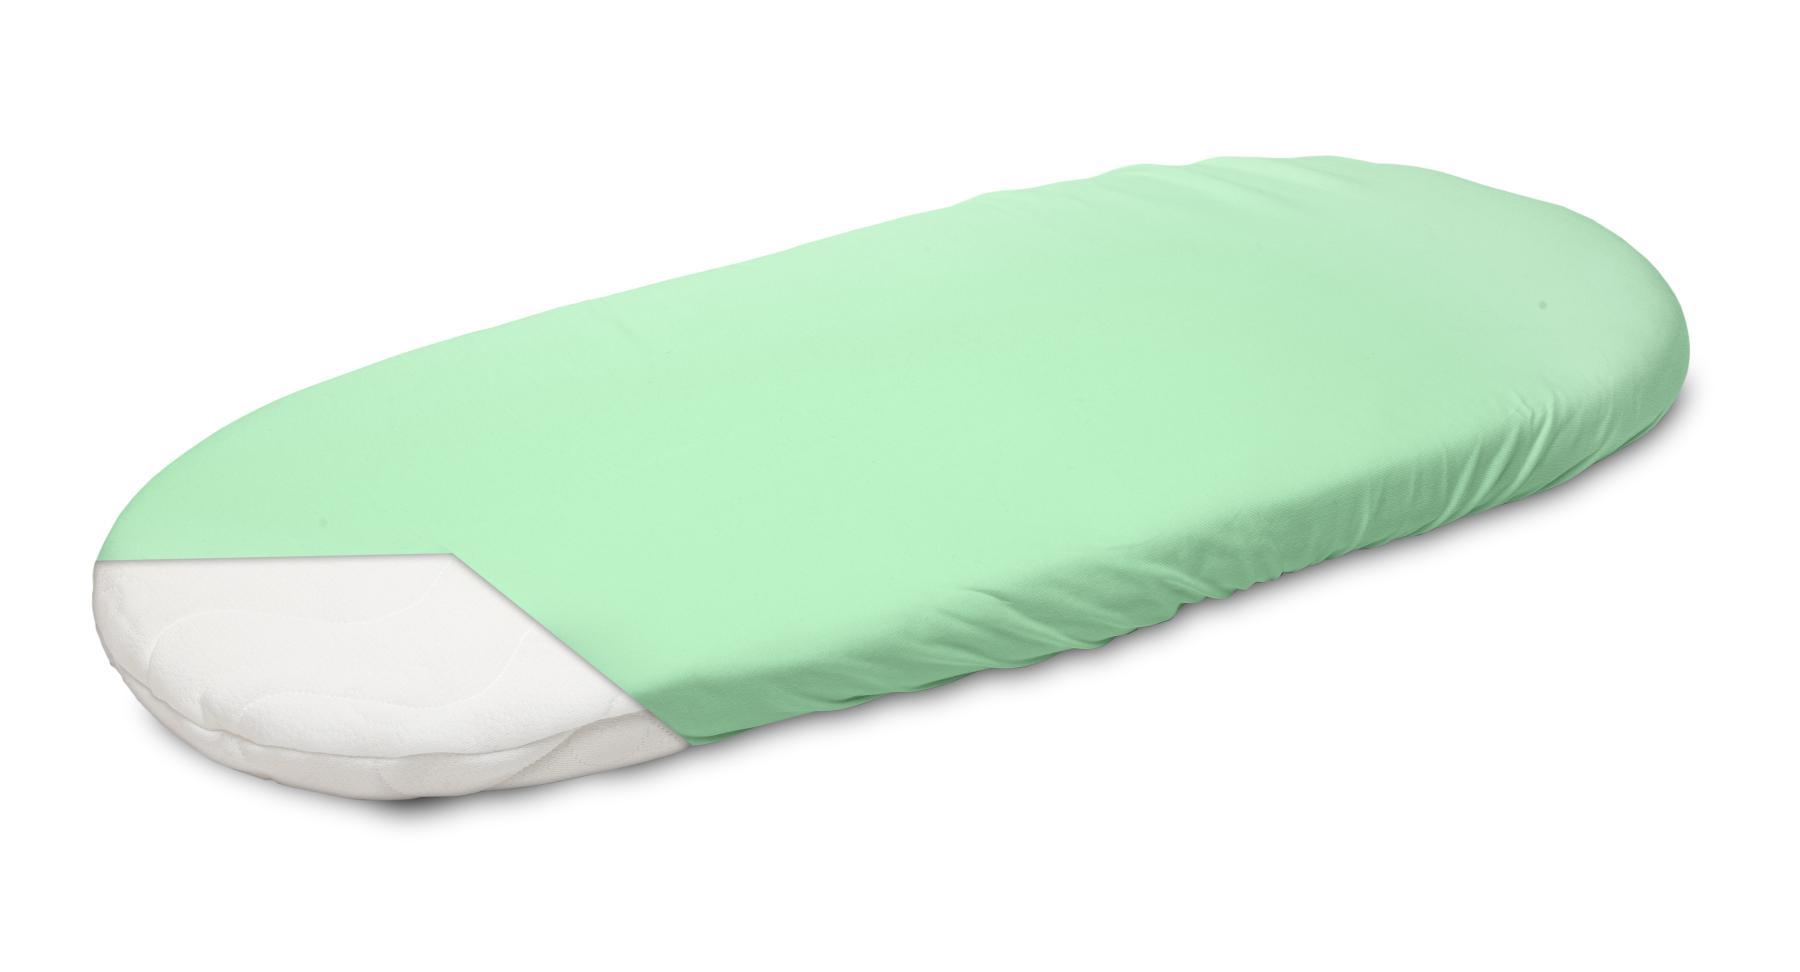 Jersey Pushchair Sheet – green